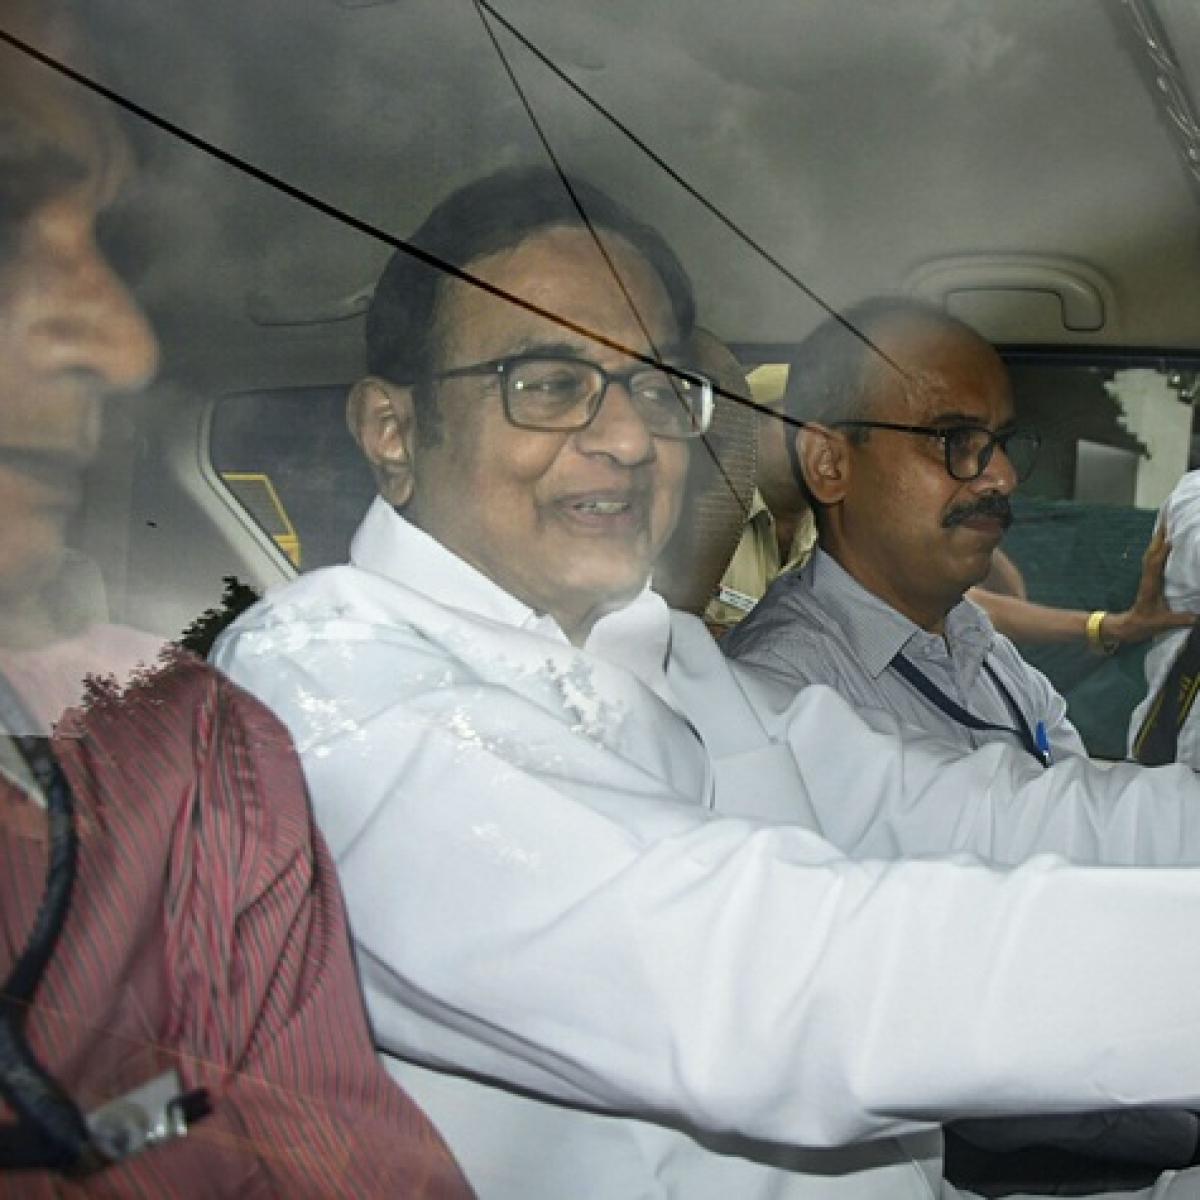 INX media case: Special CBI Court sends P Chidambaram to Tihar jail till 19 September